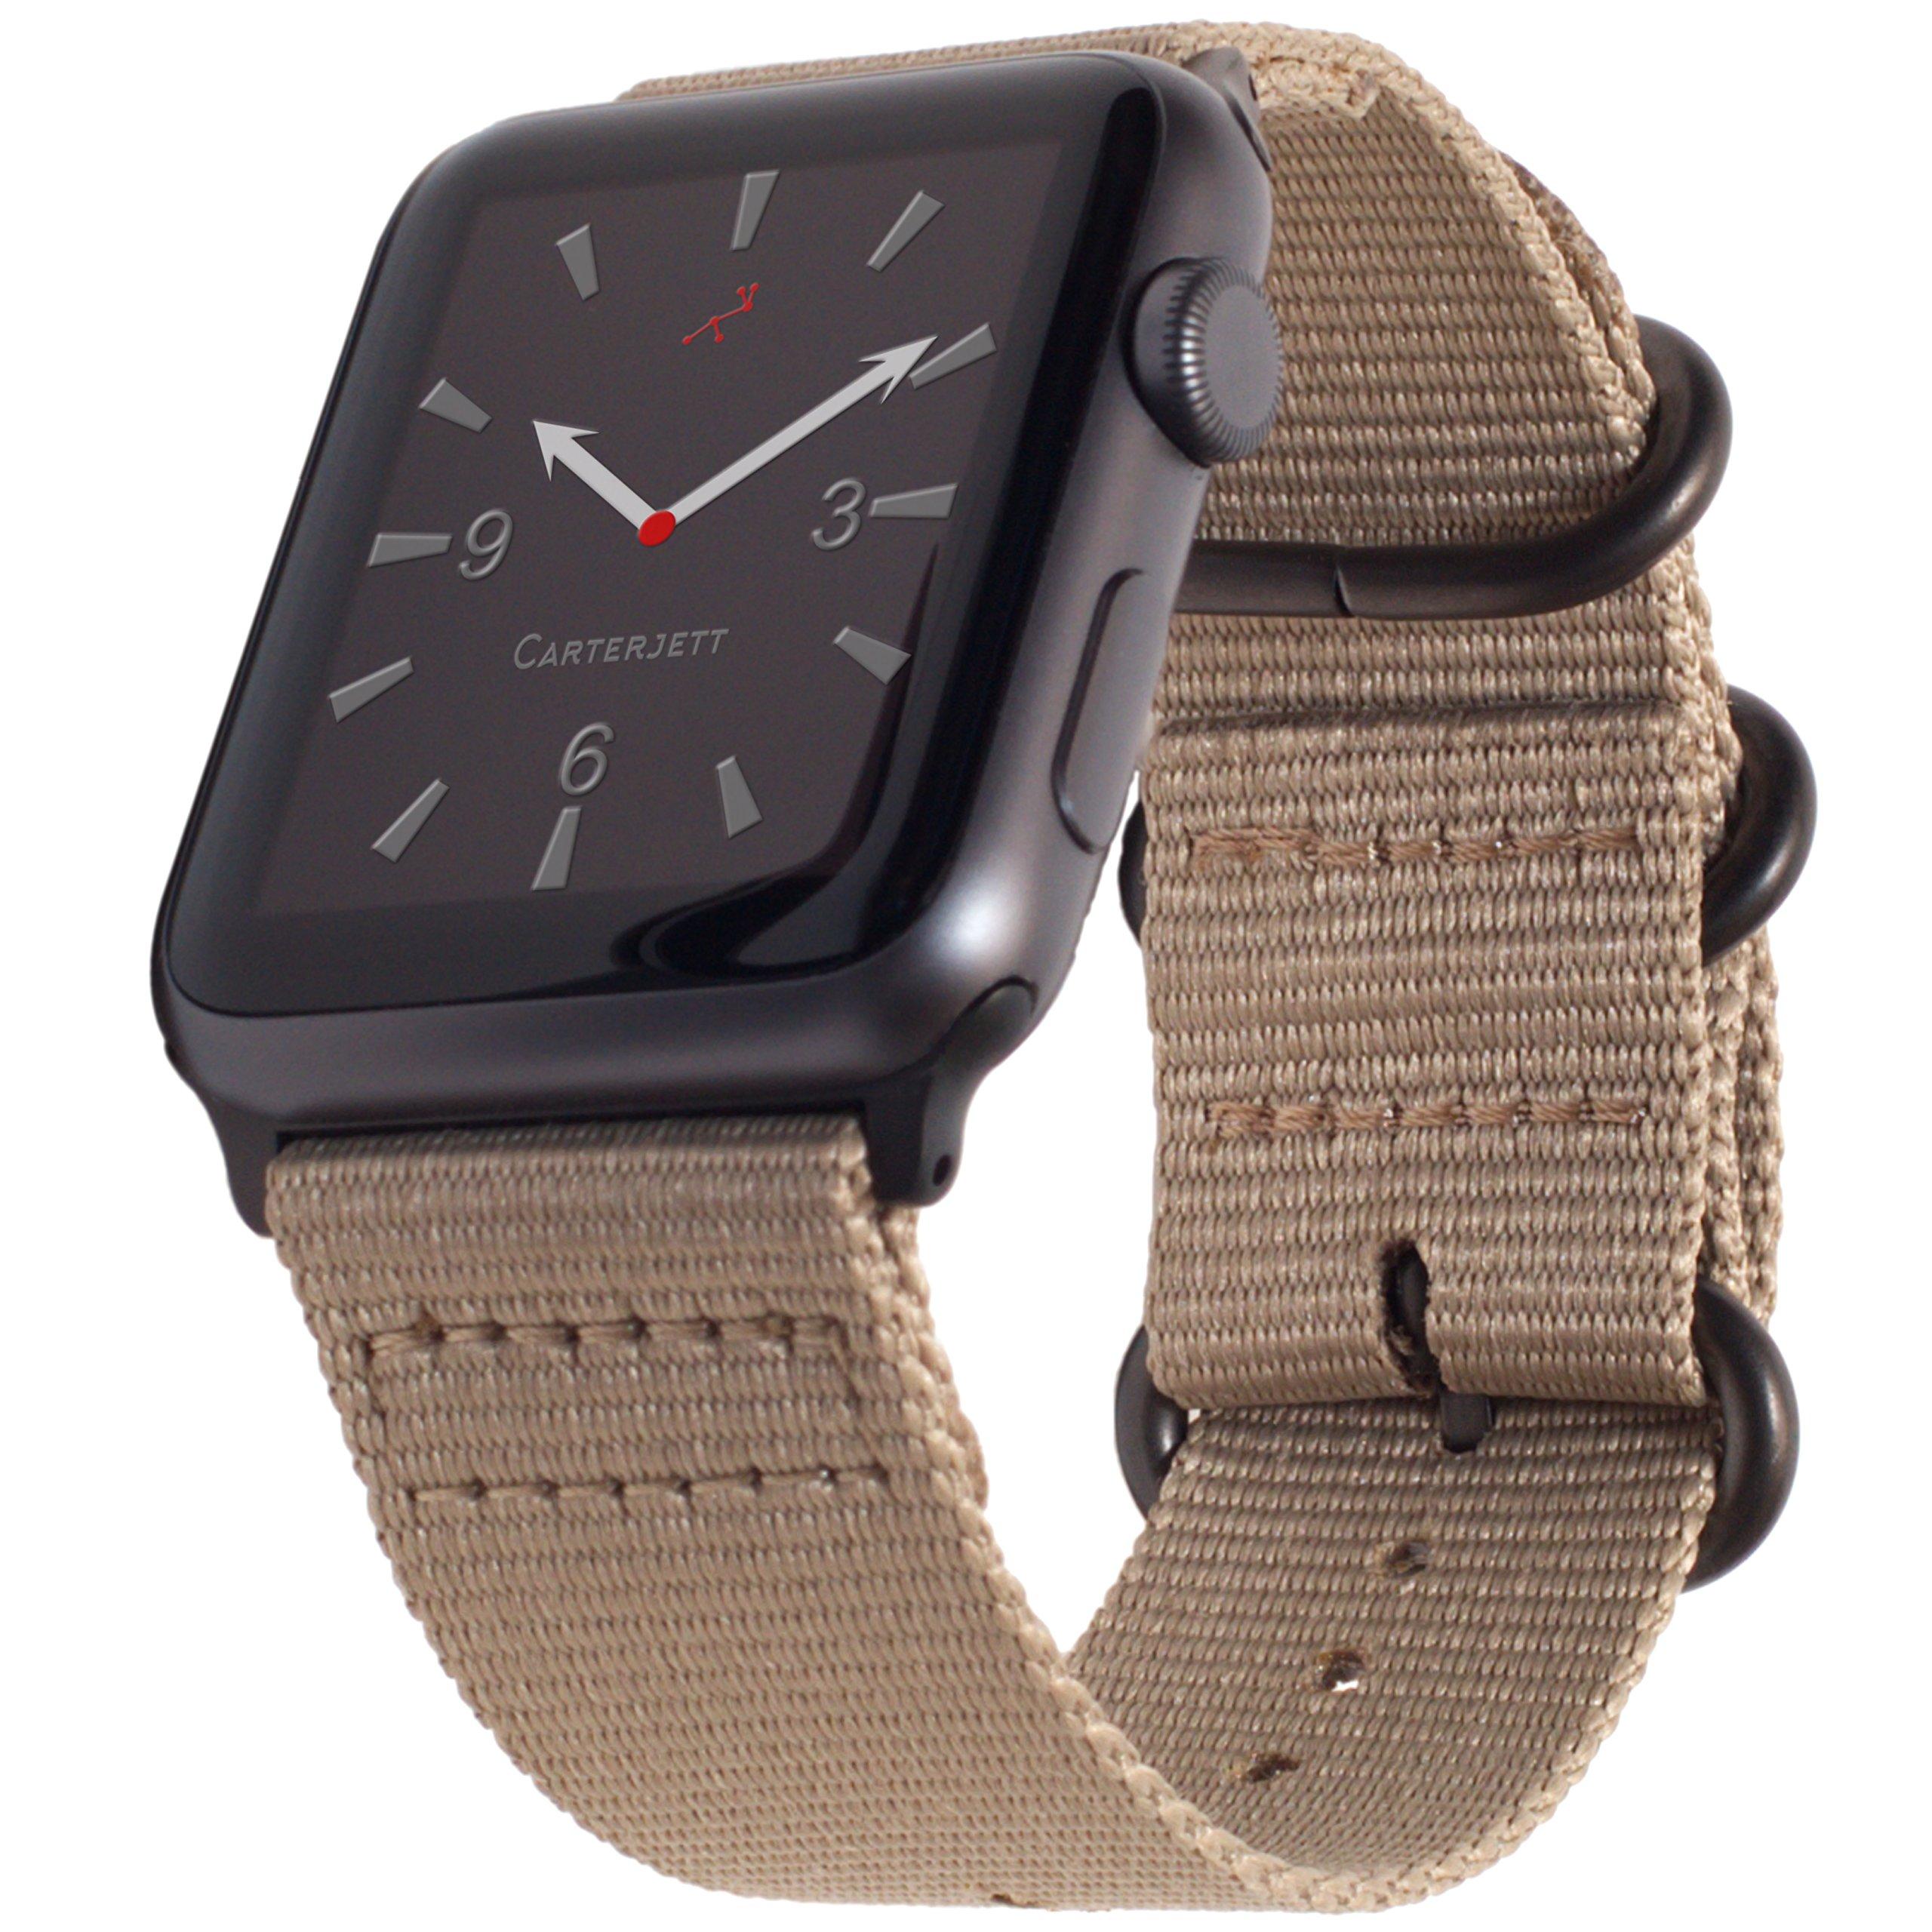 Malla Nylon para Apple Watch (42/44mm) CARTERJETT [7472326W]